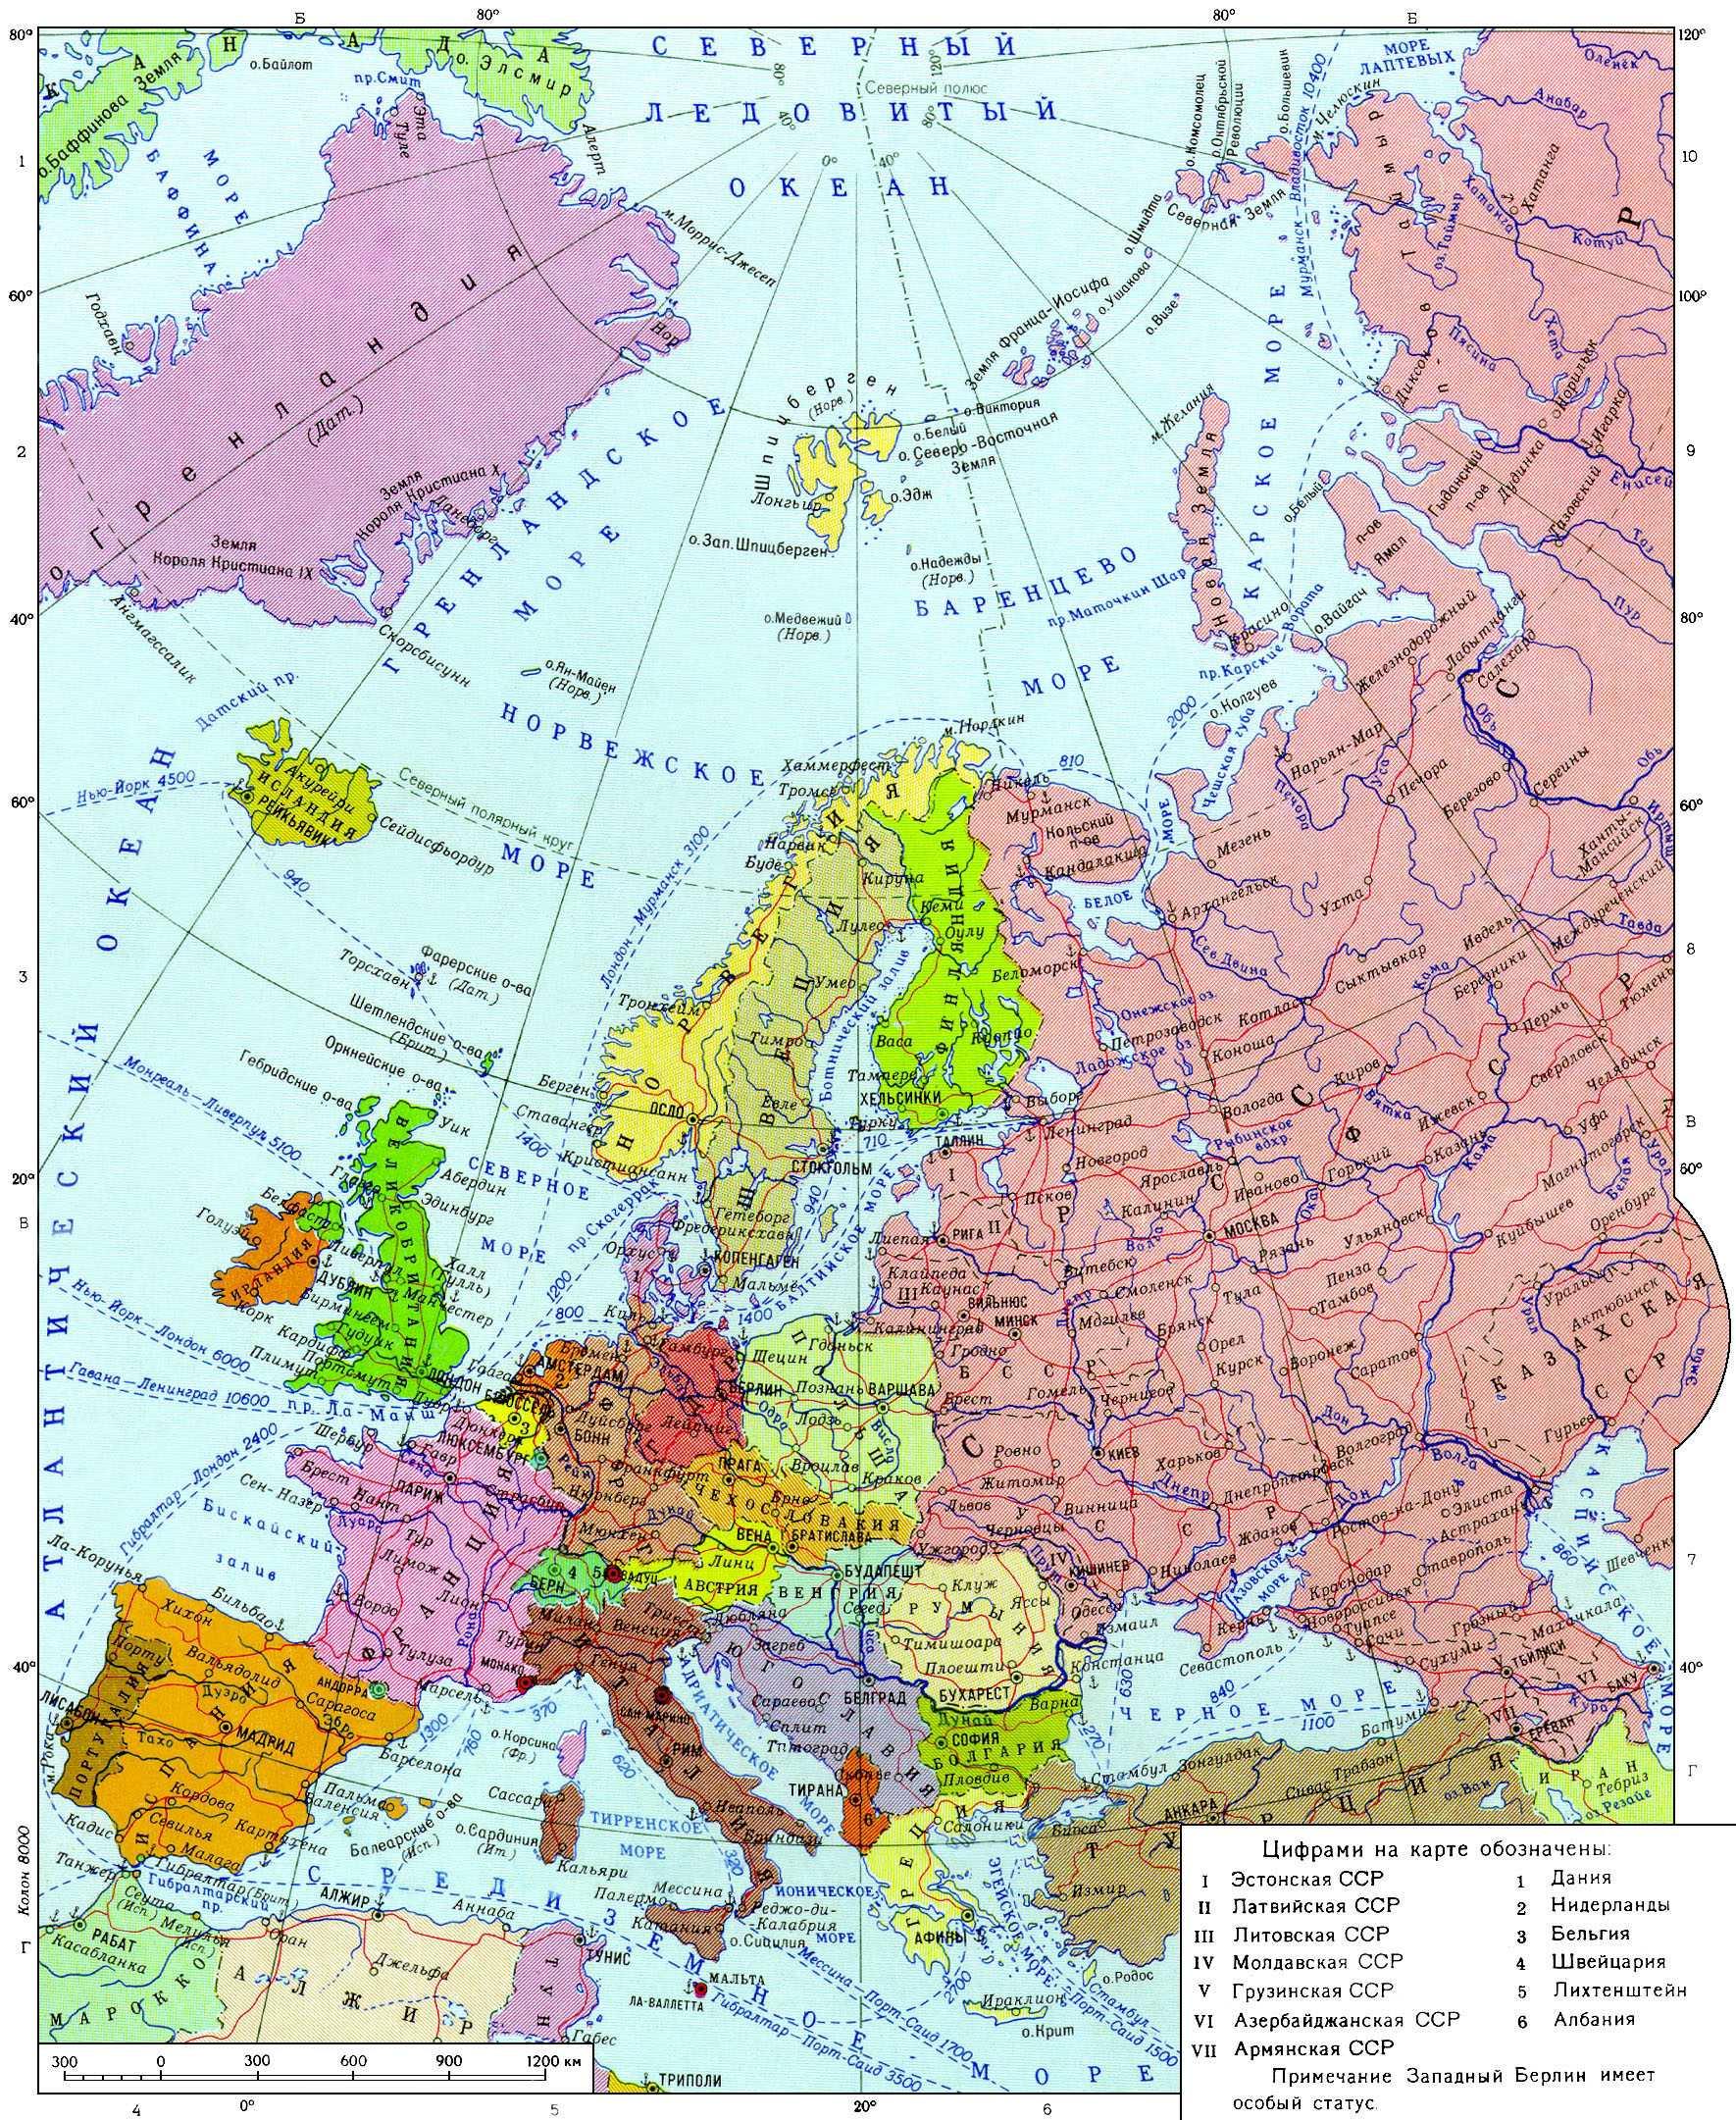 Политическая карта европы советских